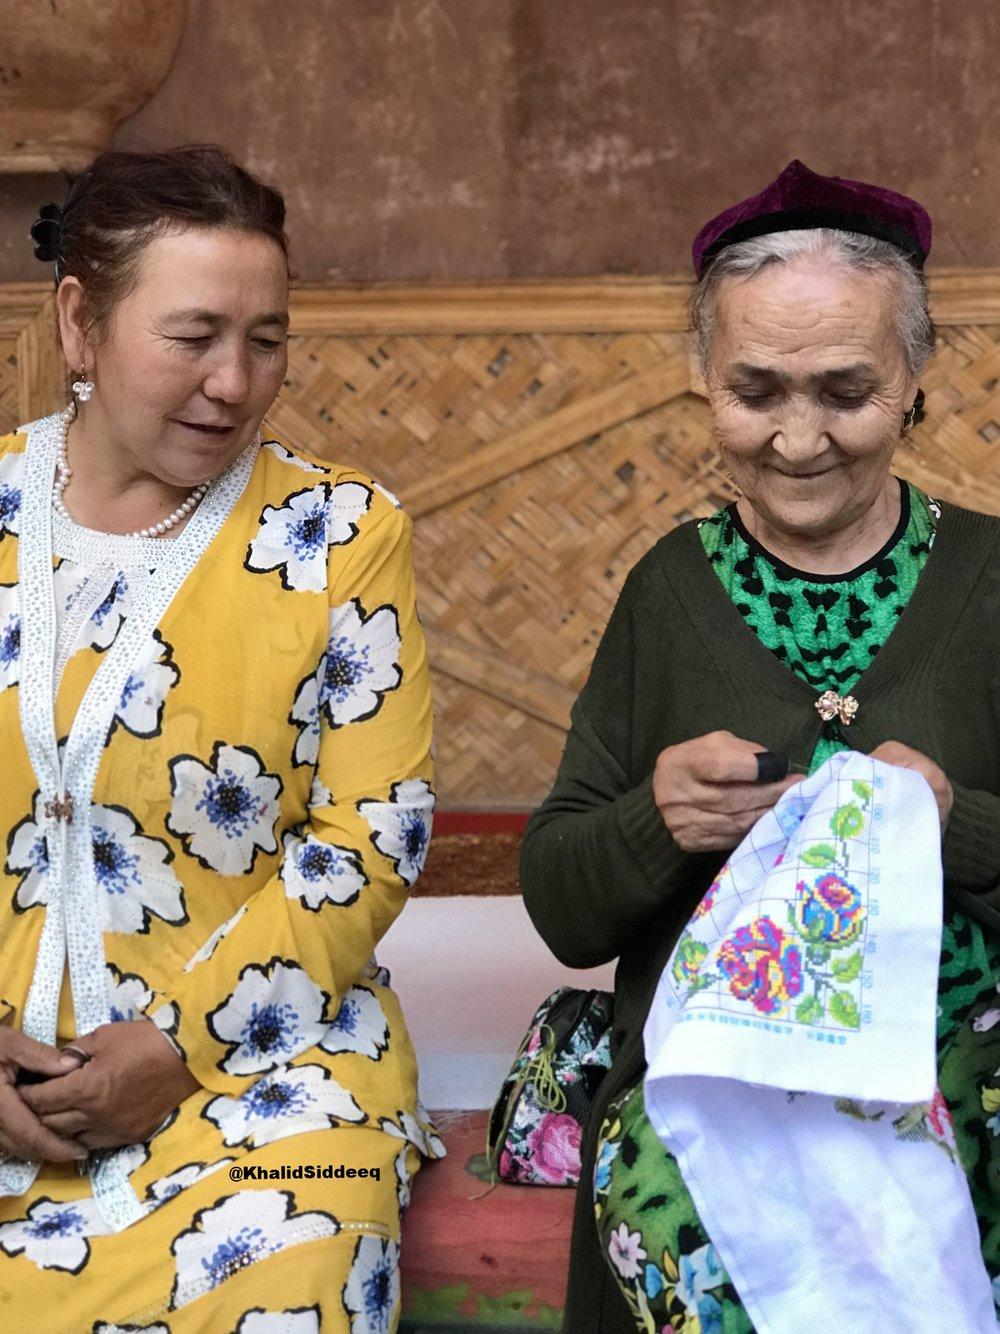 عجوز إيغورية وصديقتها قبيل الحفل